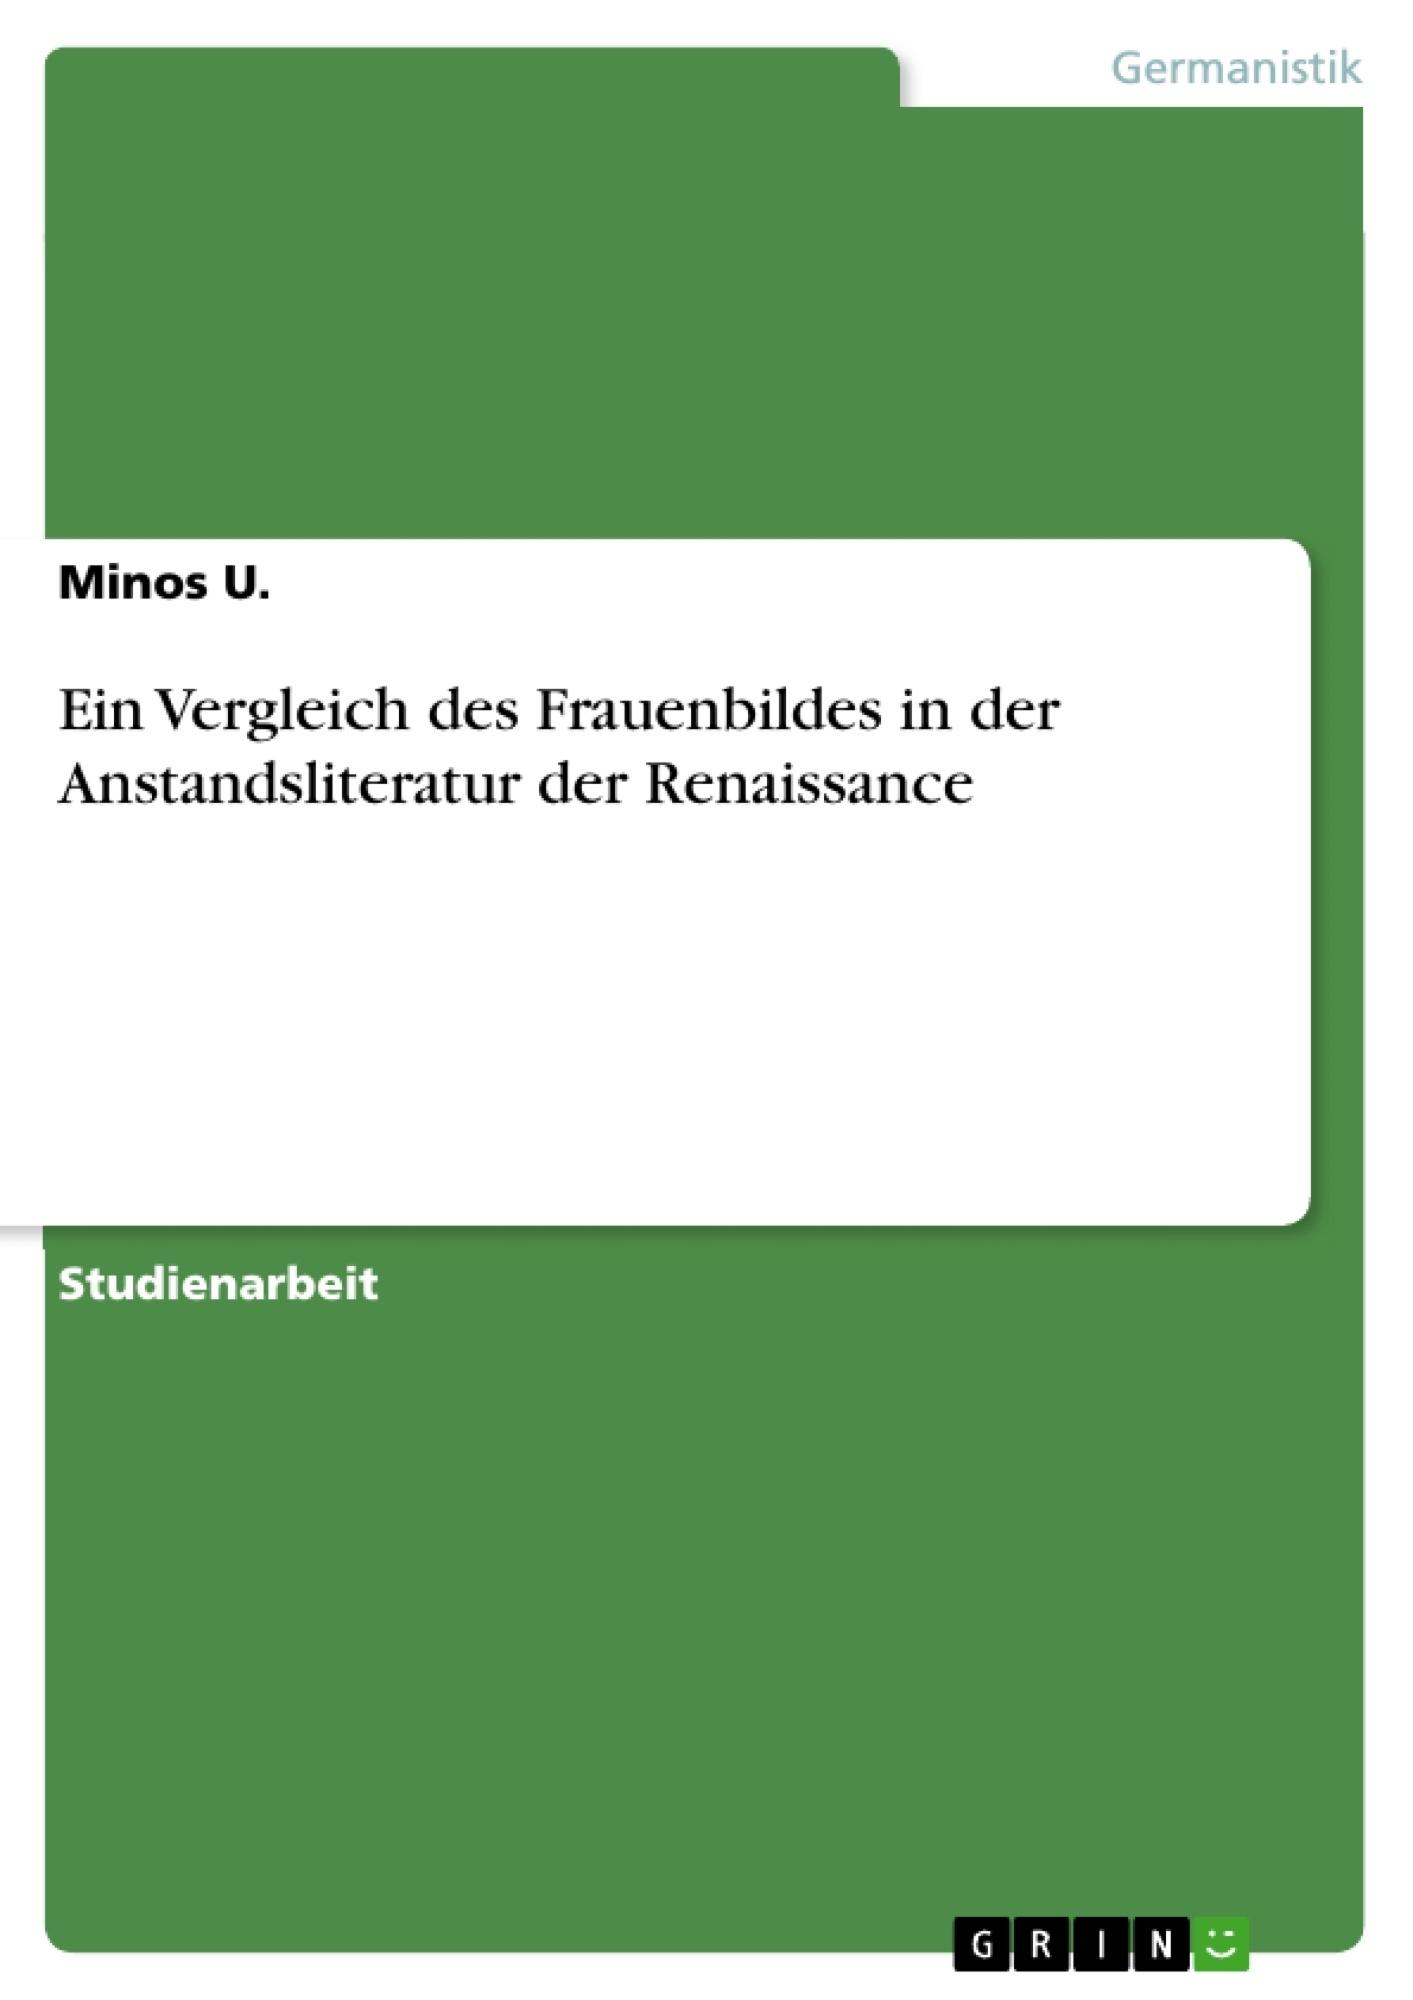 Titel: Ein Vergleich des Frauenbildes in der Anstandsliteratur der Renaissance